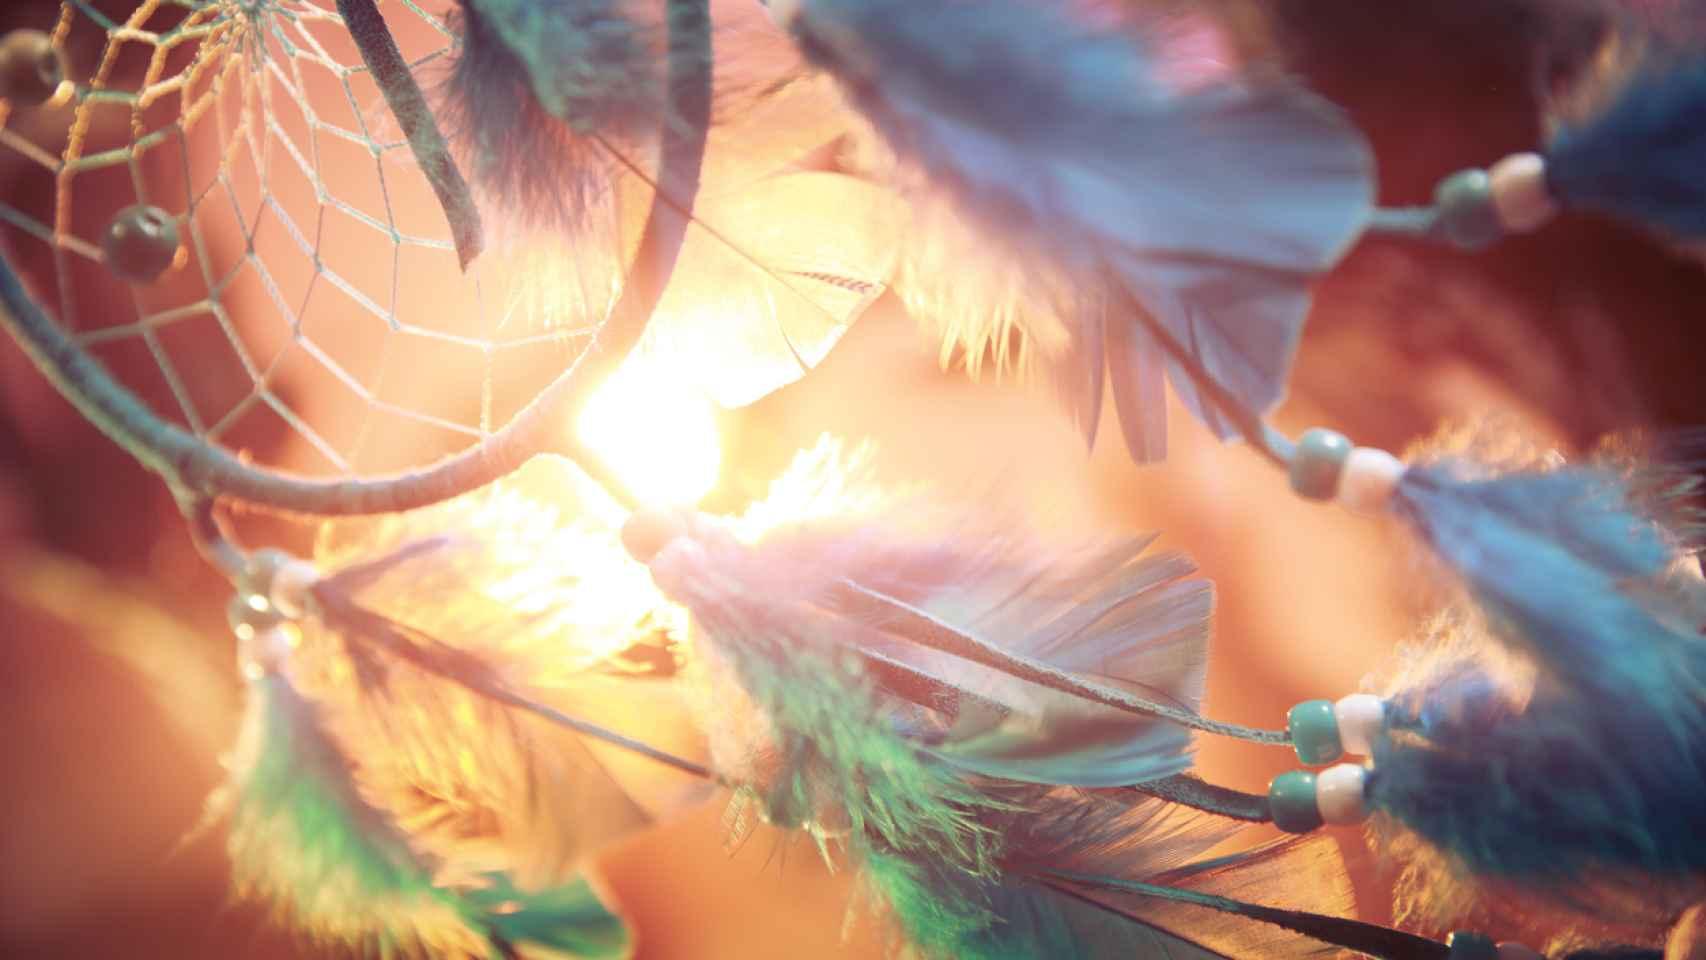 Descubre los atrapasueños más bonitos y originales de Amazon, perfectos para decorar